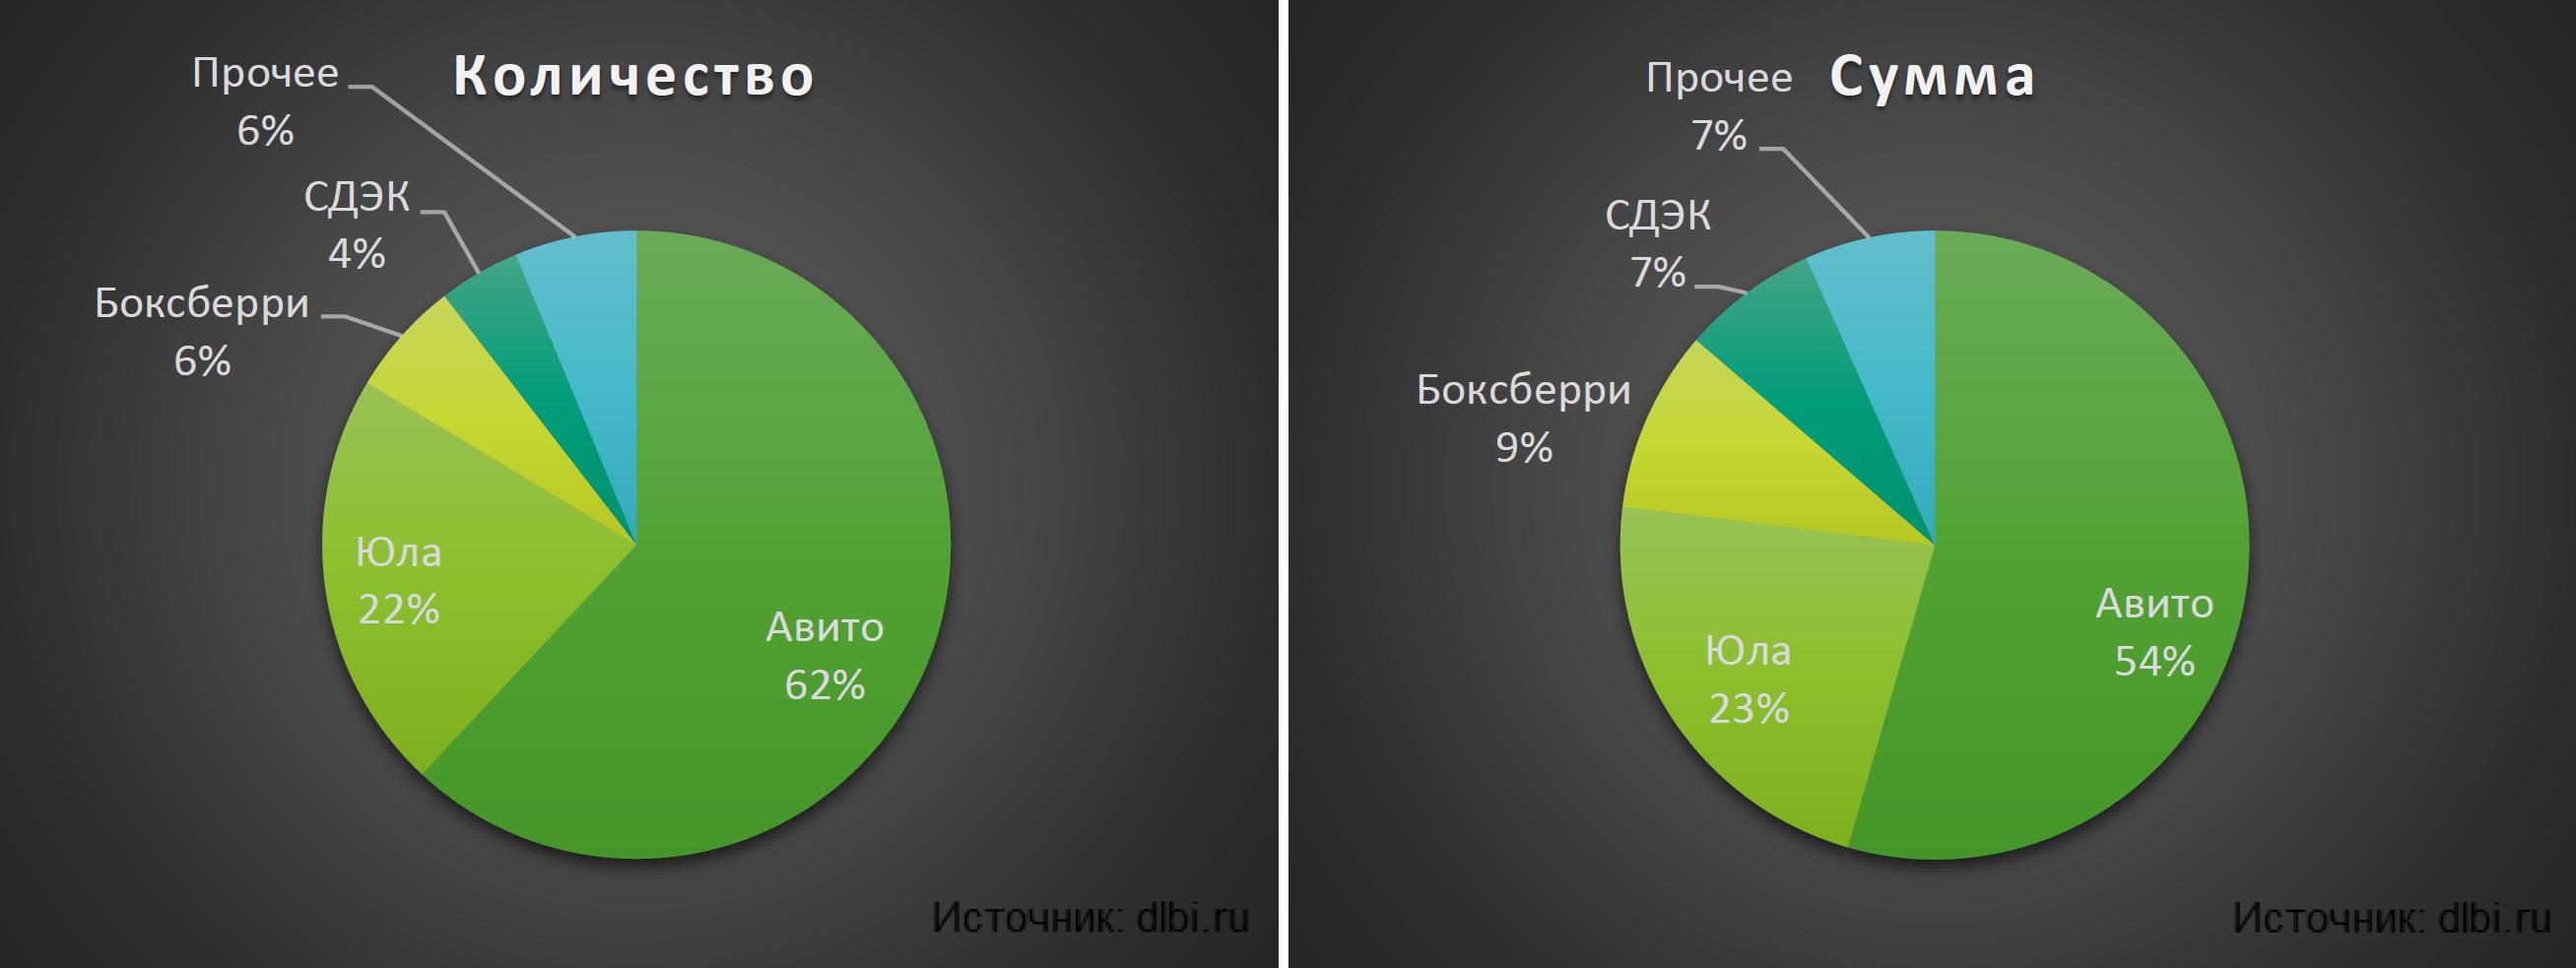 Рынок мошенничества на сайтах объявлений - 9